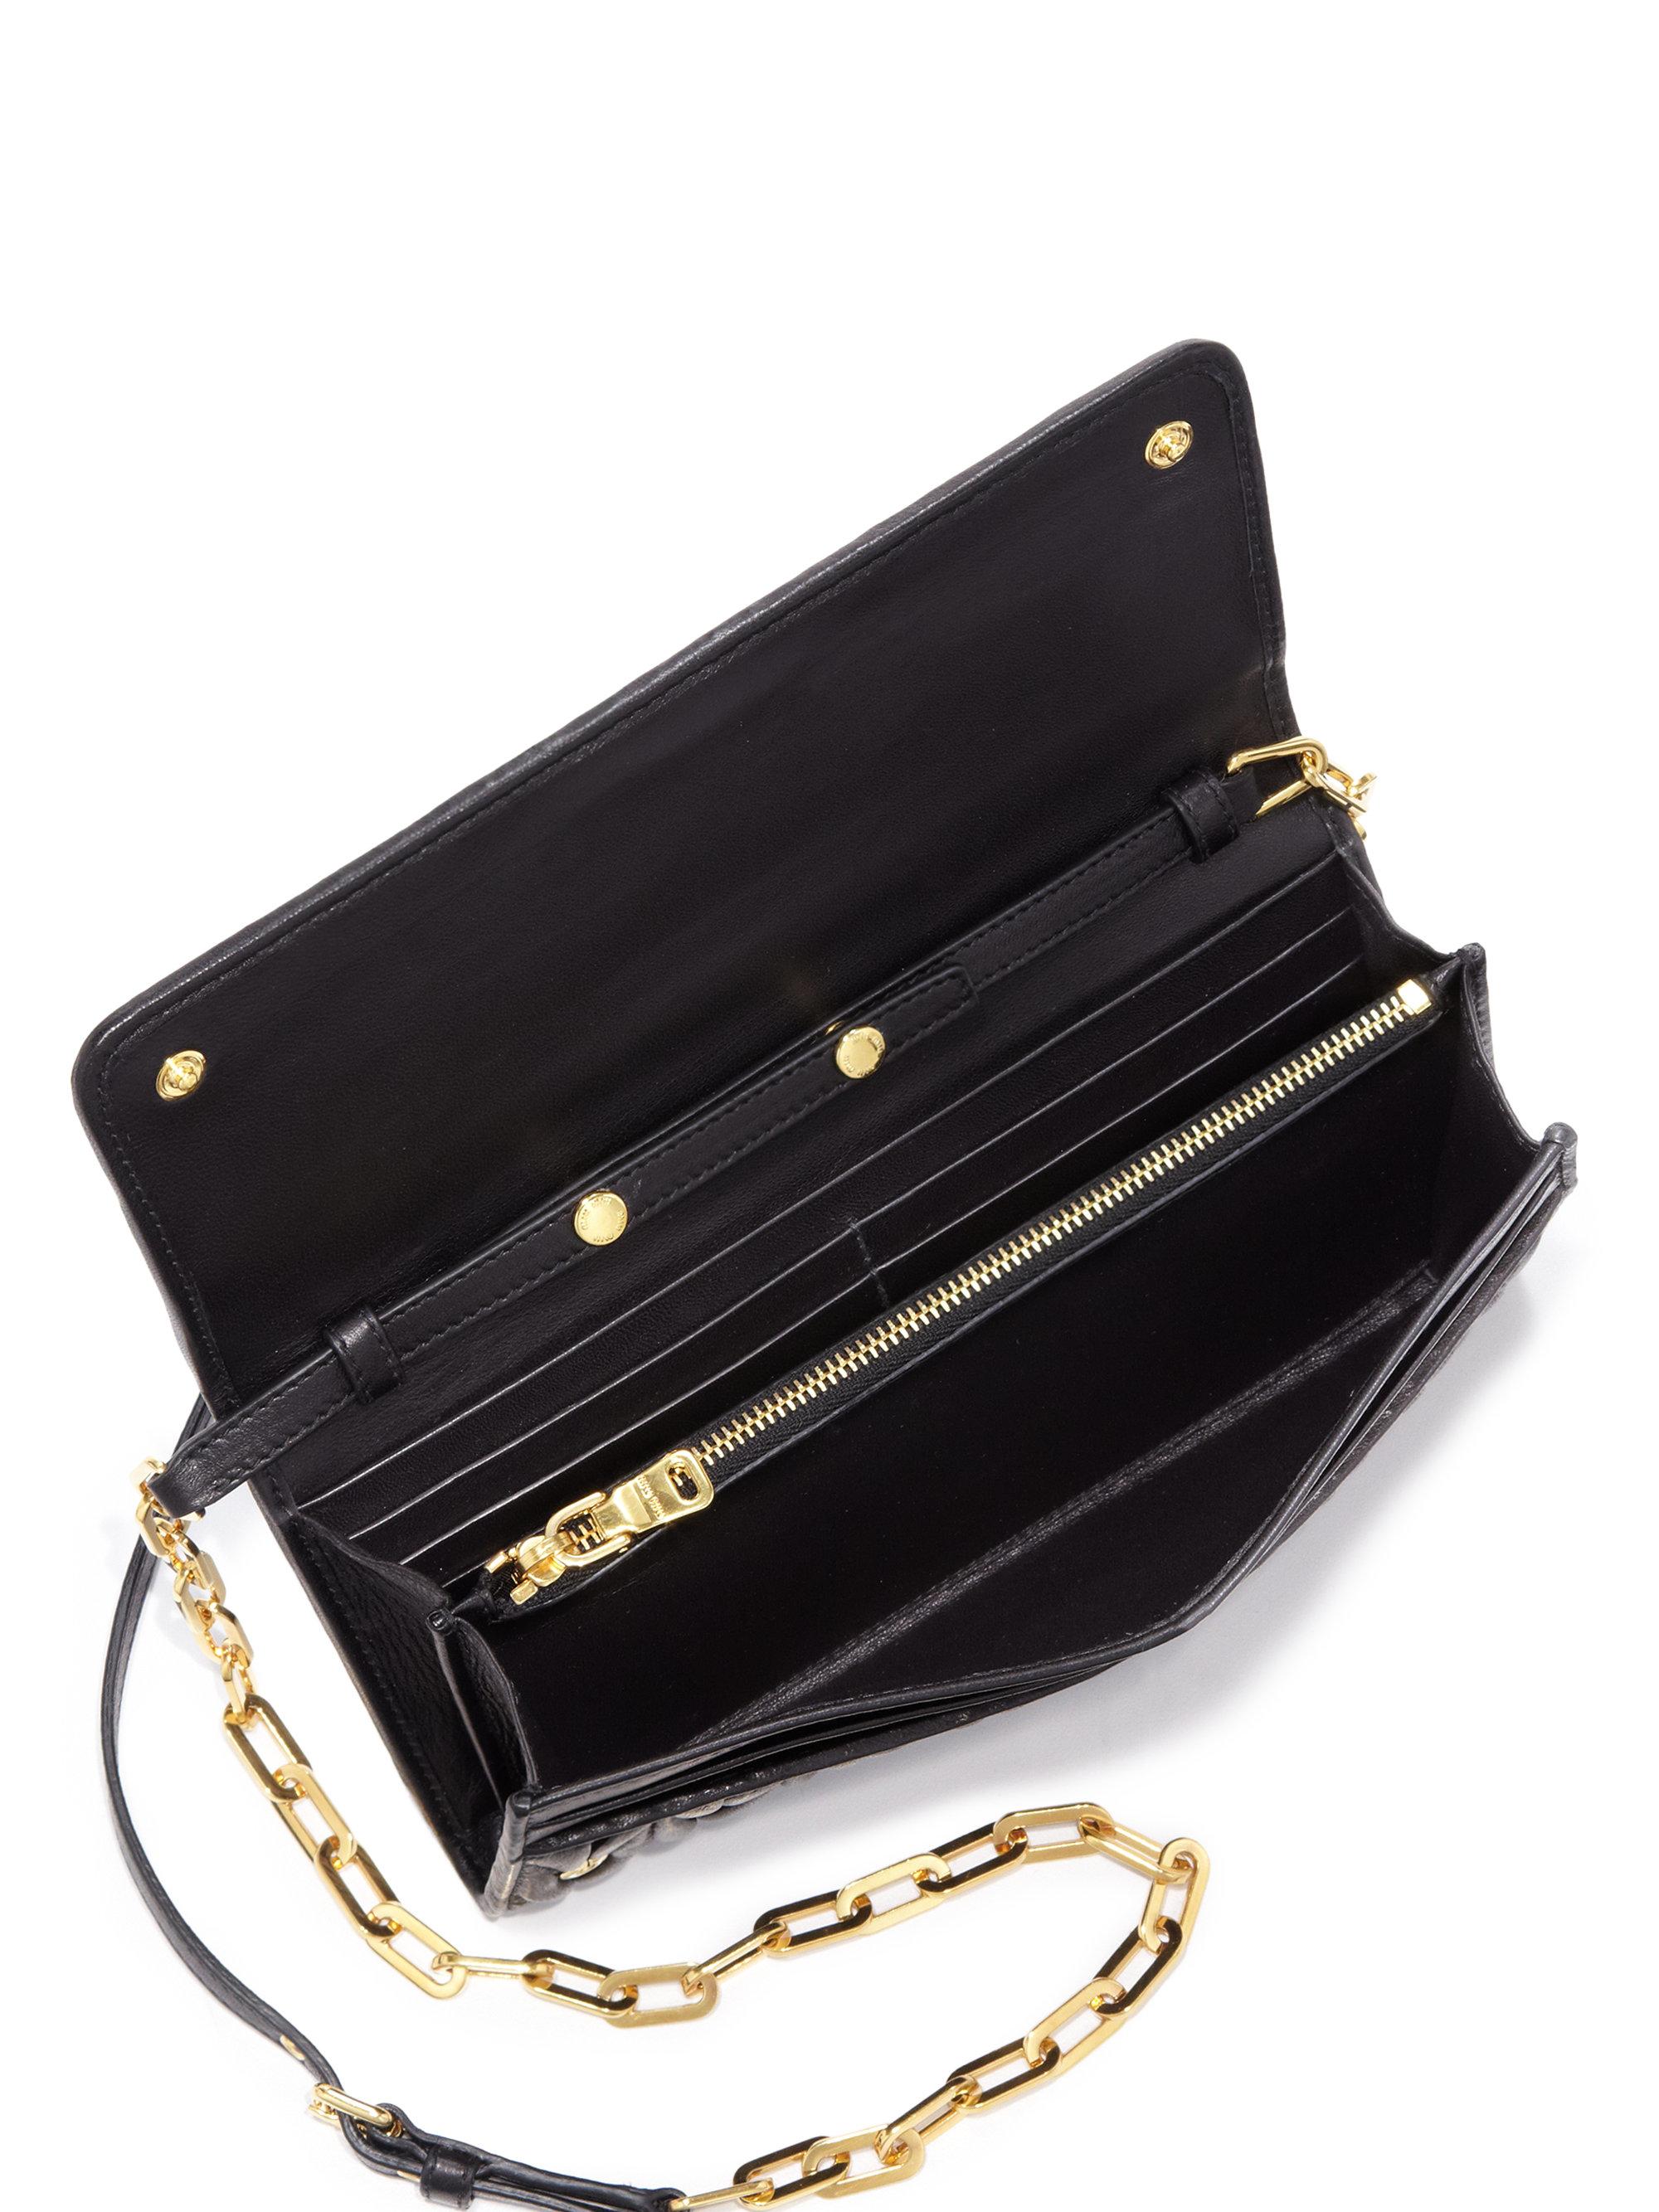 bd548e9df48c Lyst - Miu Miu Matelasse Leather Chain Wallet in Black